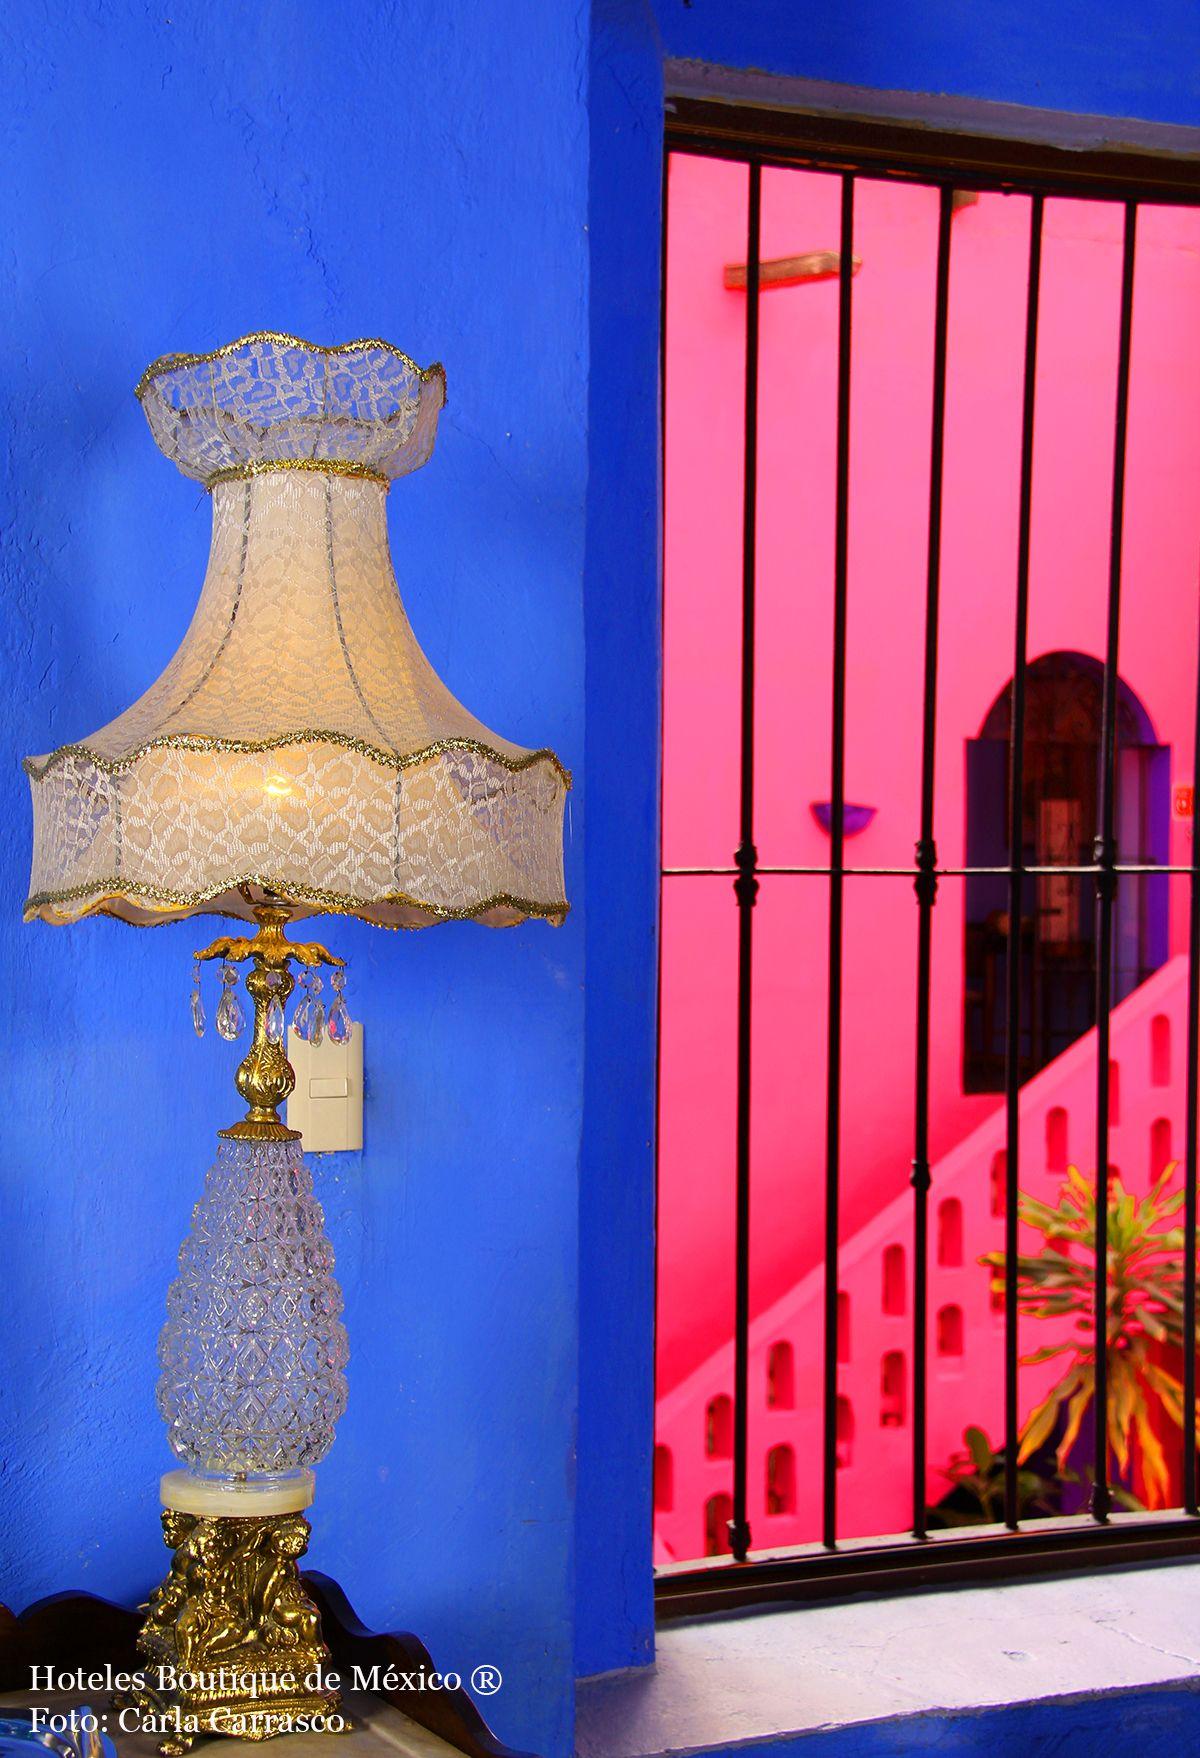 hoteles-boutique-de-mexico-hotel-meson-sacristia-de-la-compania-puebla-33